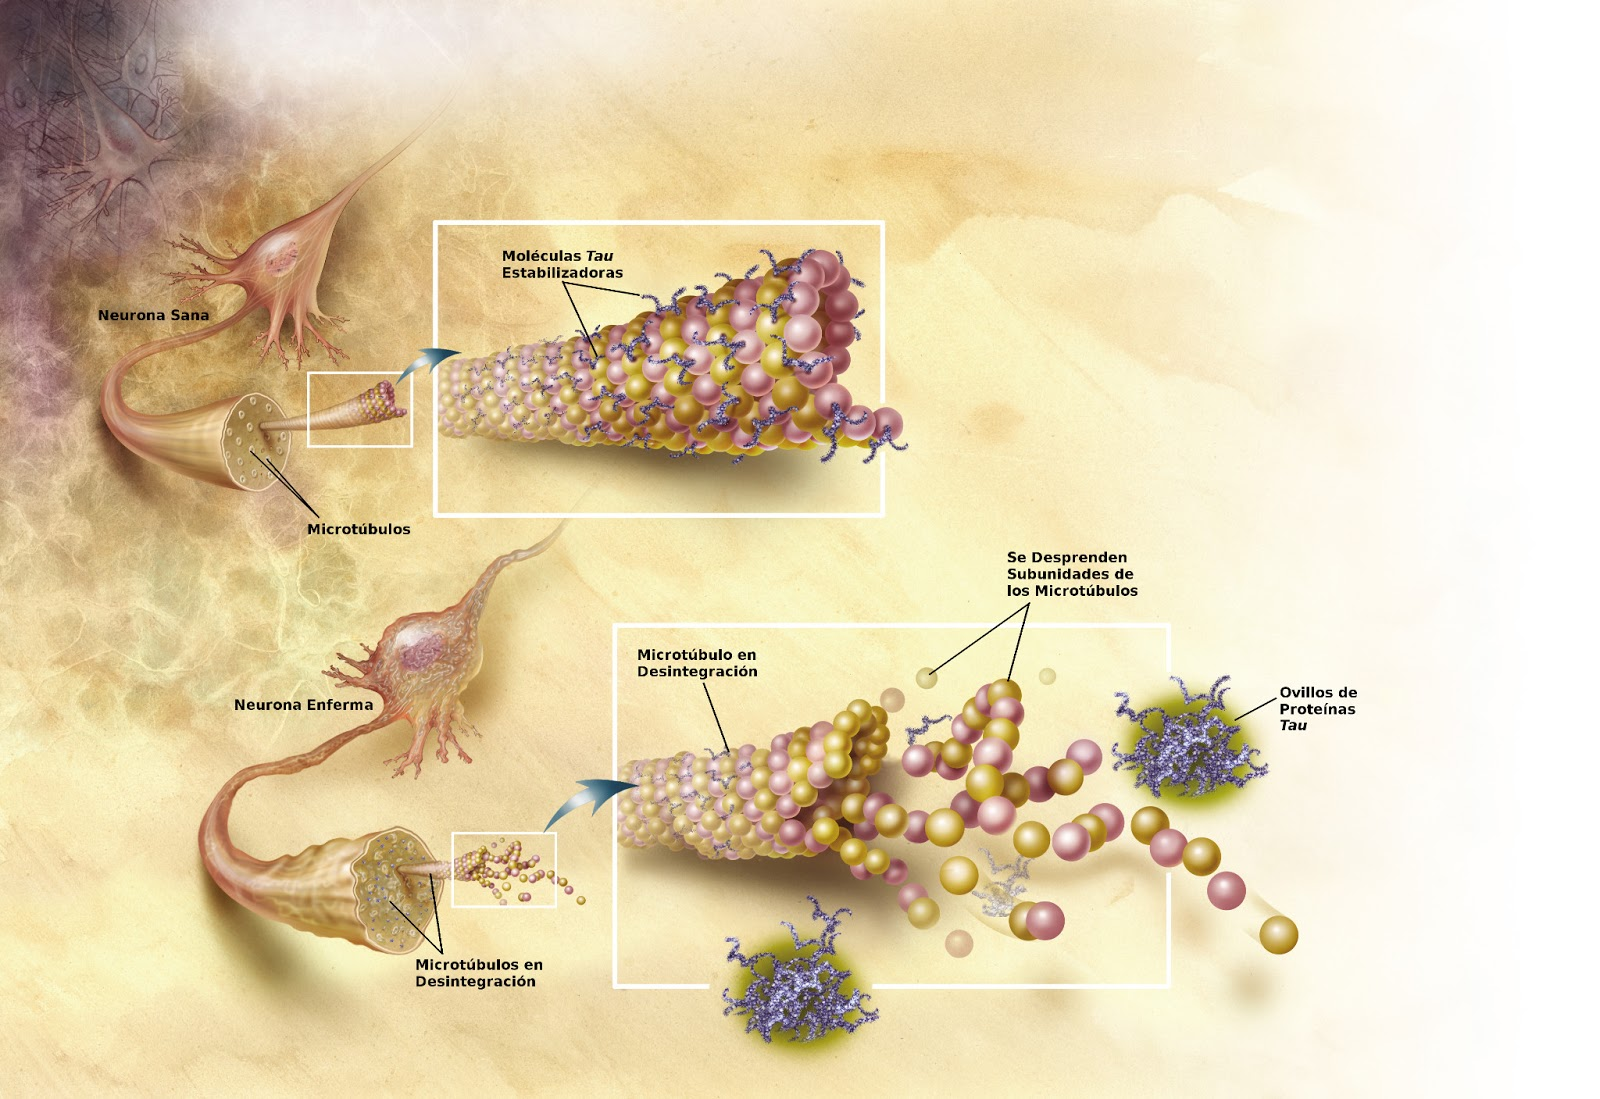 Упрощенная схема того, как микроканальцы разрушаются при болезни Альцгеймера (фото любезно предоставлено Национальным институтом США по проблемам старения).